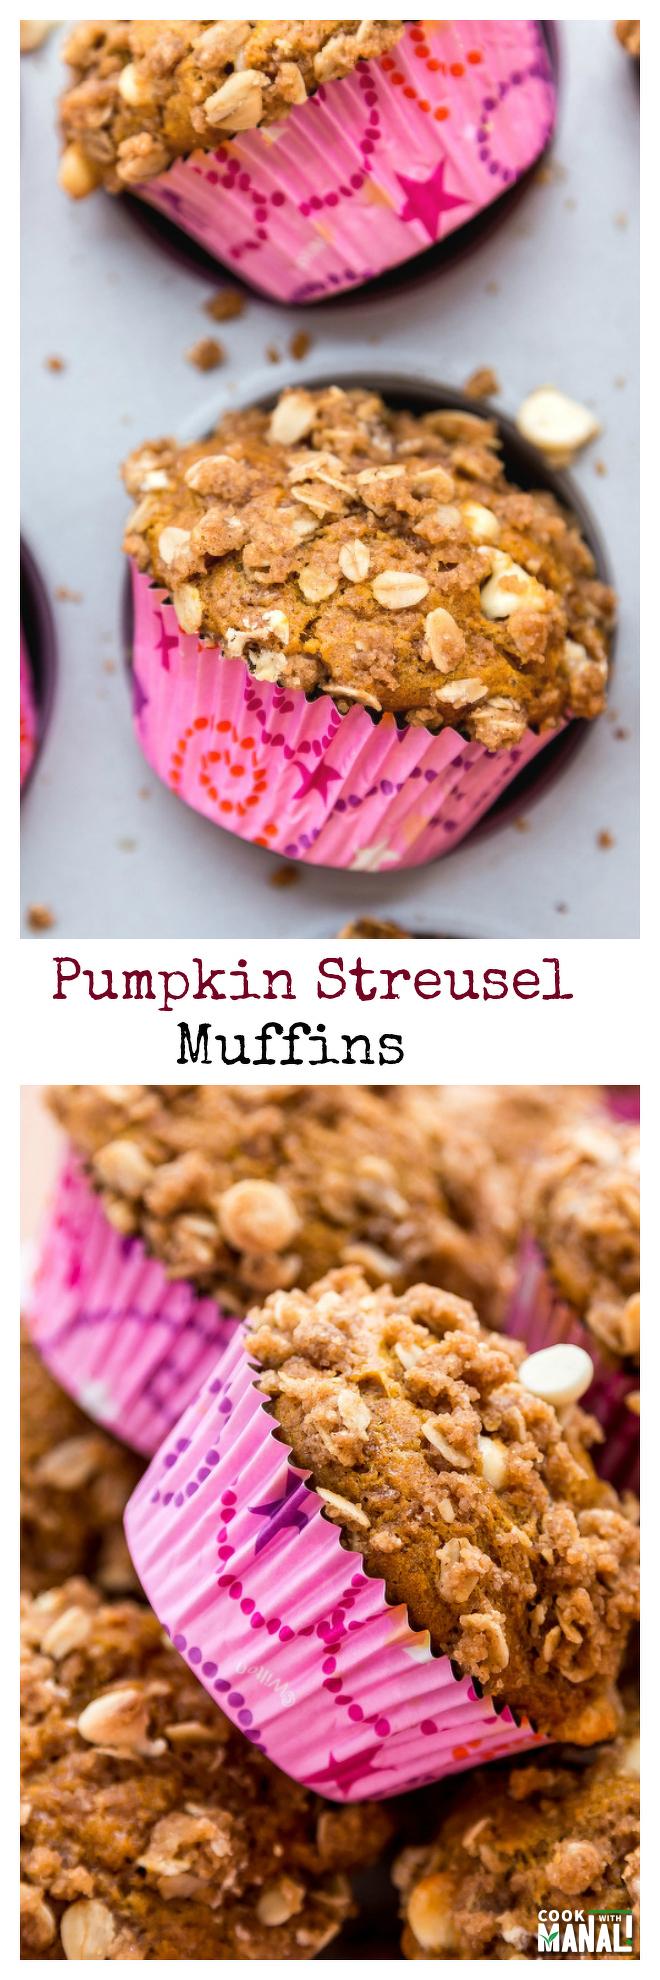 pumpkin-streusel-muffins-collage